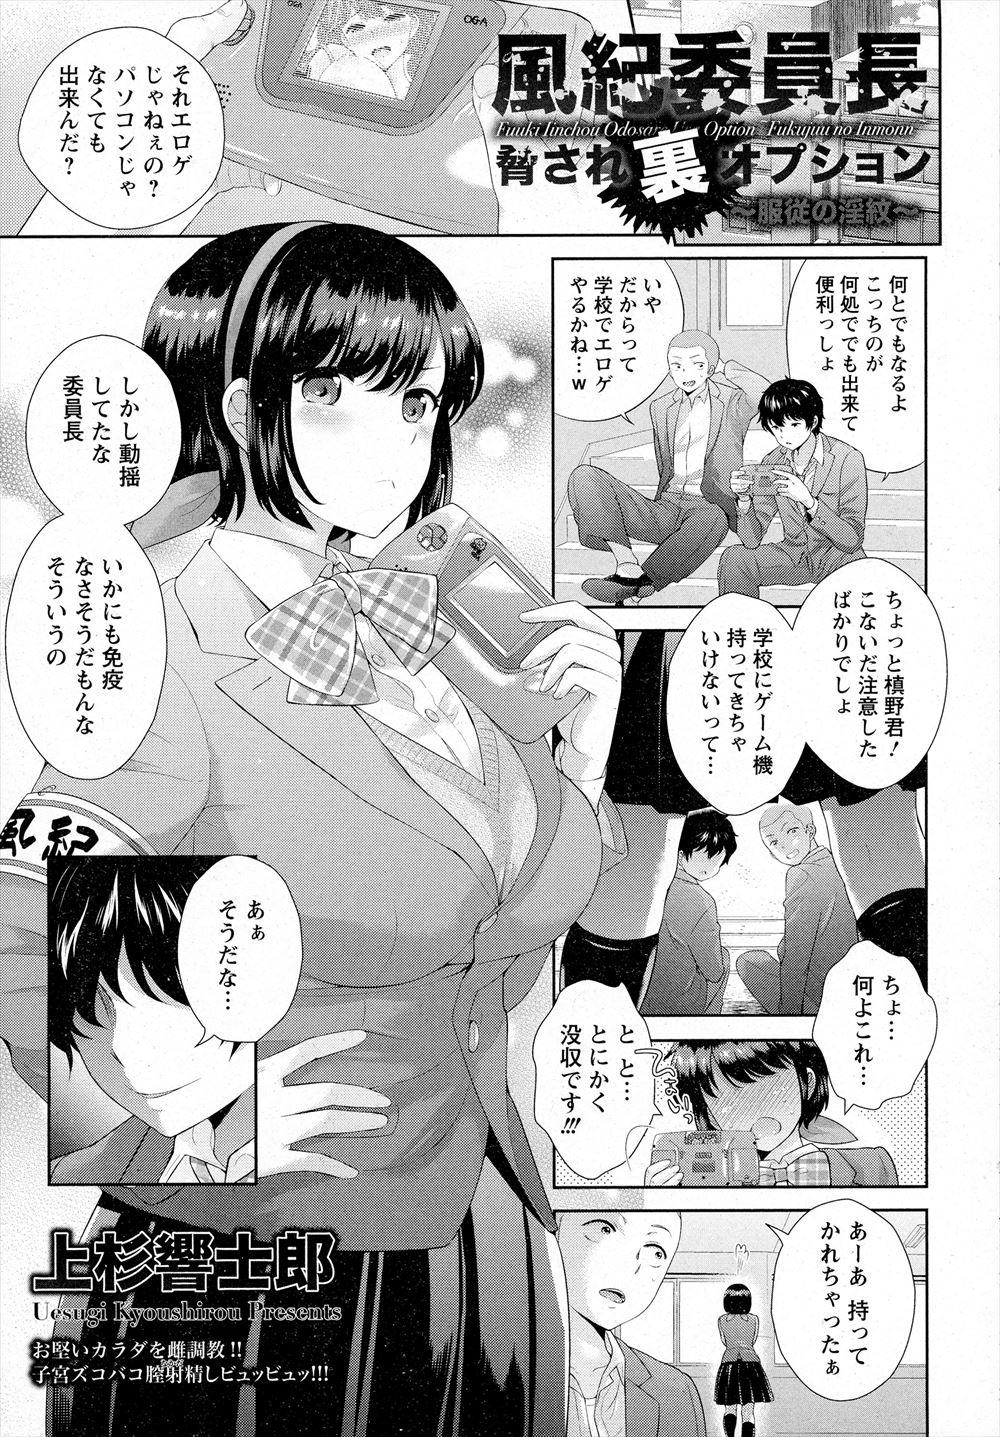 【エロ漫画】借金を返すために風俗でバイトしていた委員長は弱みを握られてゲスな男子に犯されるwwwwwwww